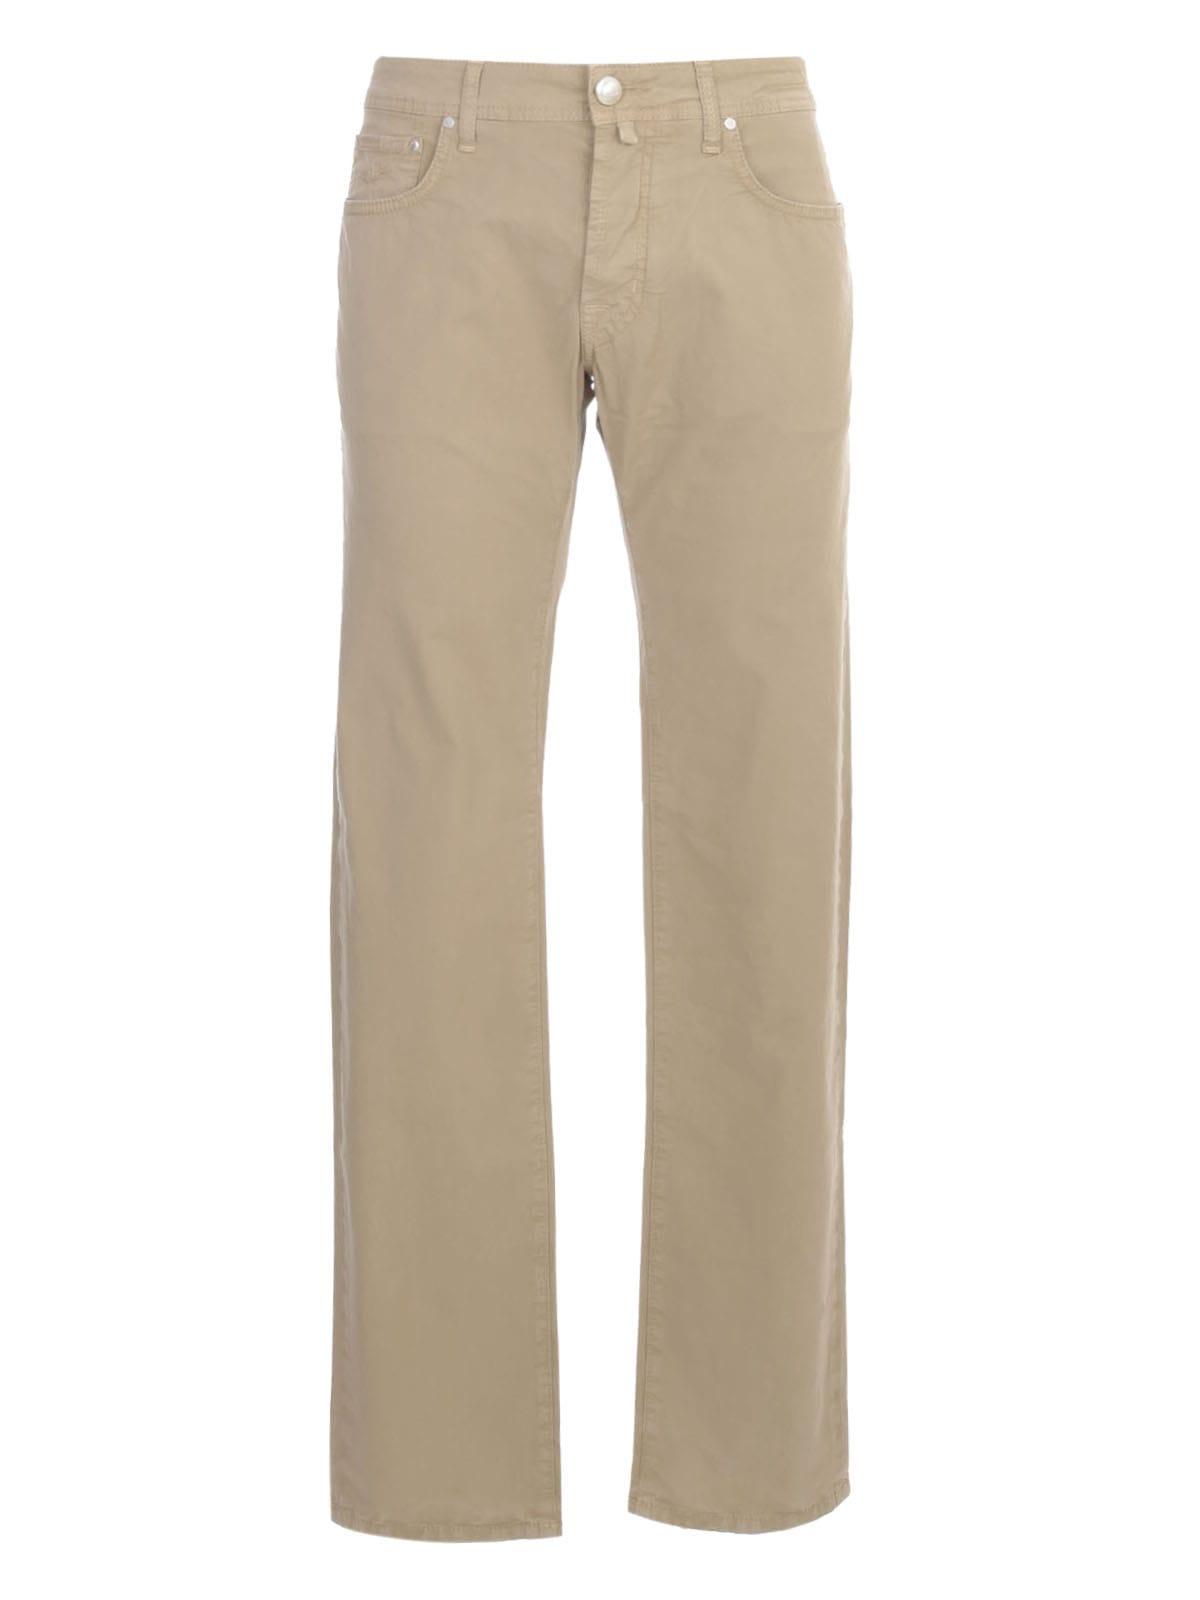 Jacob Cohen 5 Pockets Comfort Ppt Str Vintage